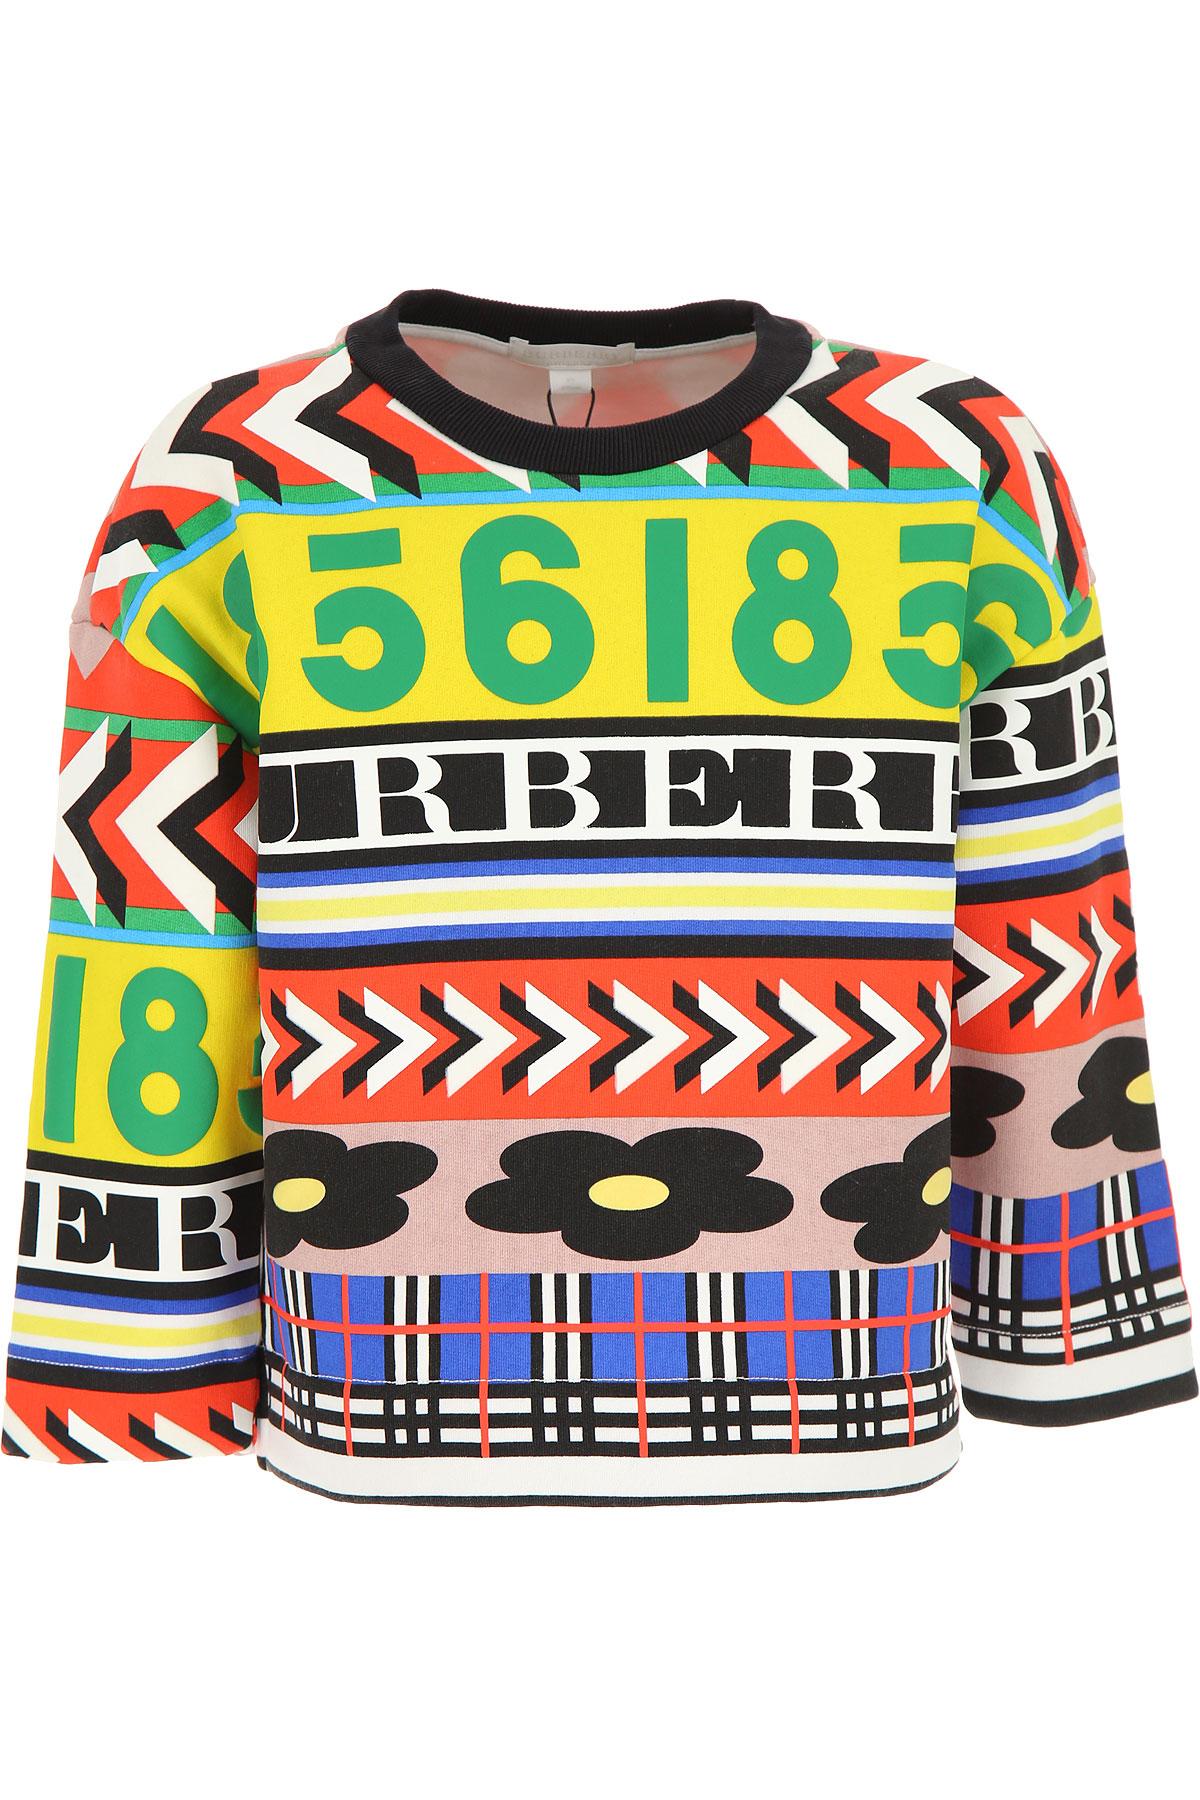 Image of Burberry Kids Sweatshirts & Hoodies for Girls, Multicolor, Cotton, 2017, 10Y 14Y 4Y 6Y 8Y